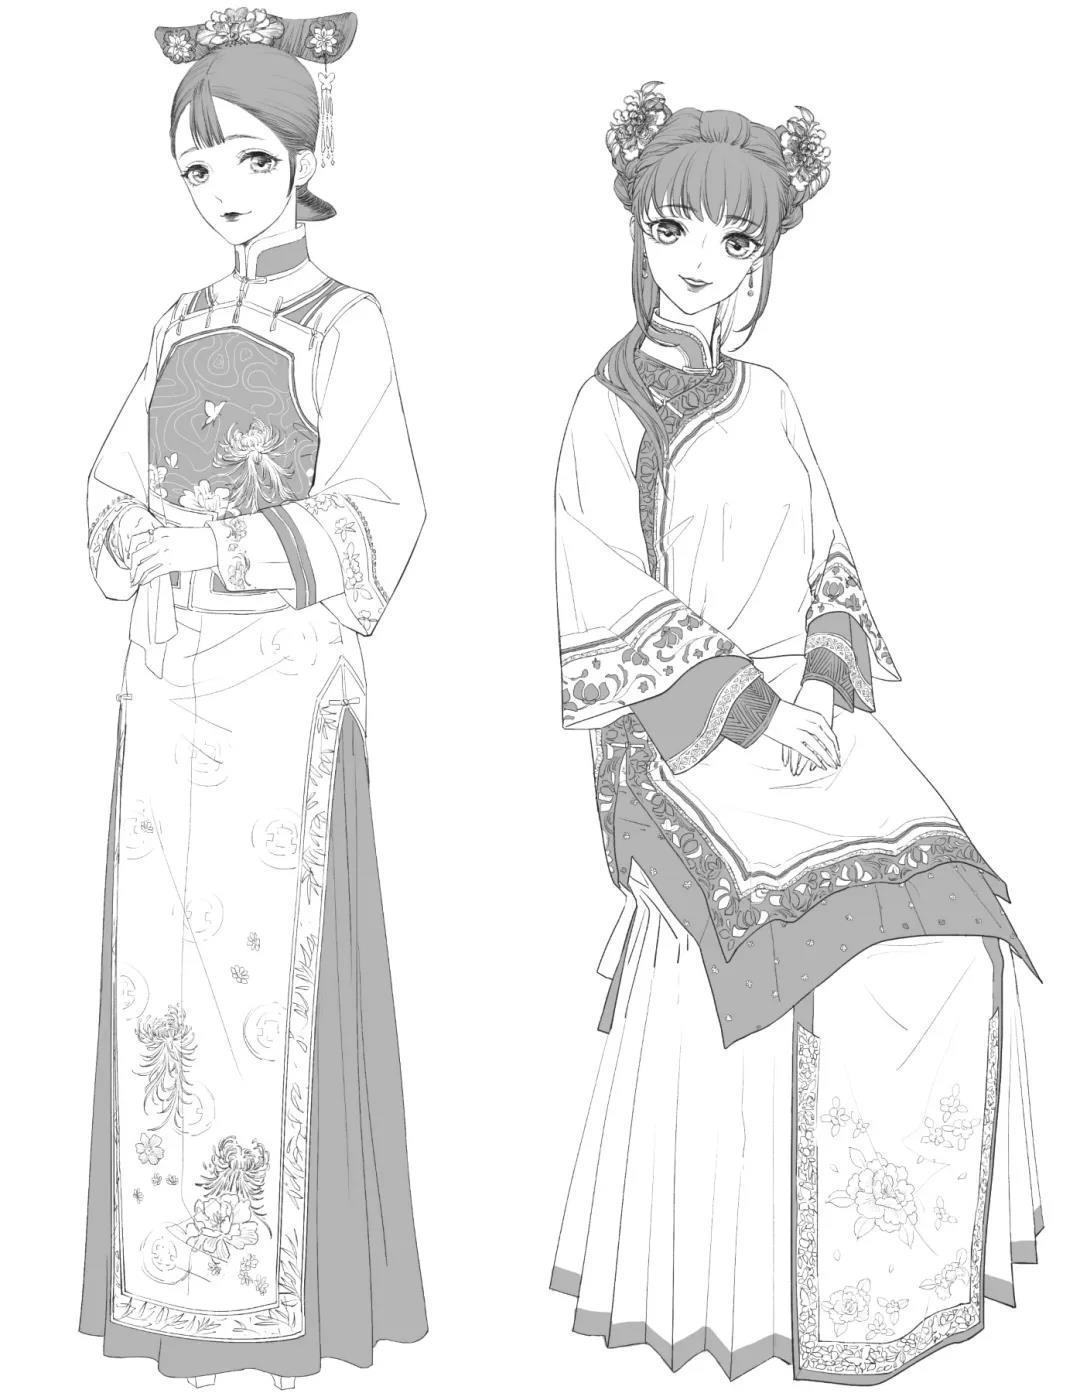 清朝女子服饰图案_从秦汉到明清,这份详细的古代服饰造型手册请收好! - 知乎